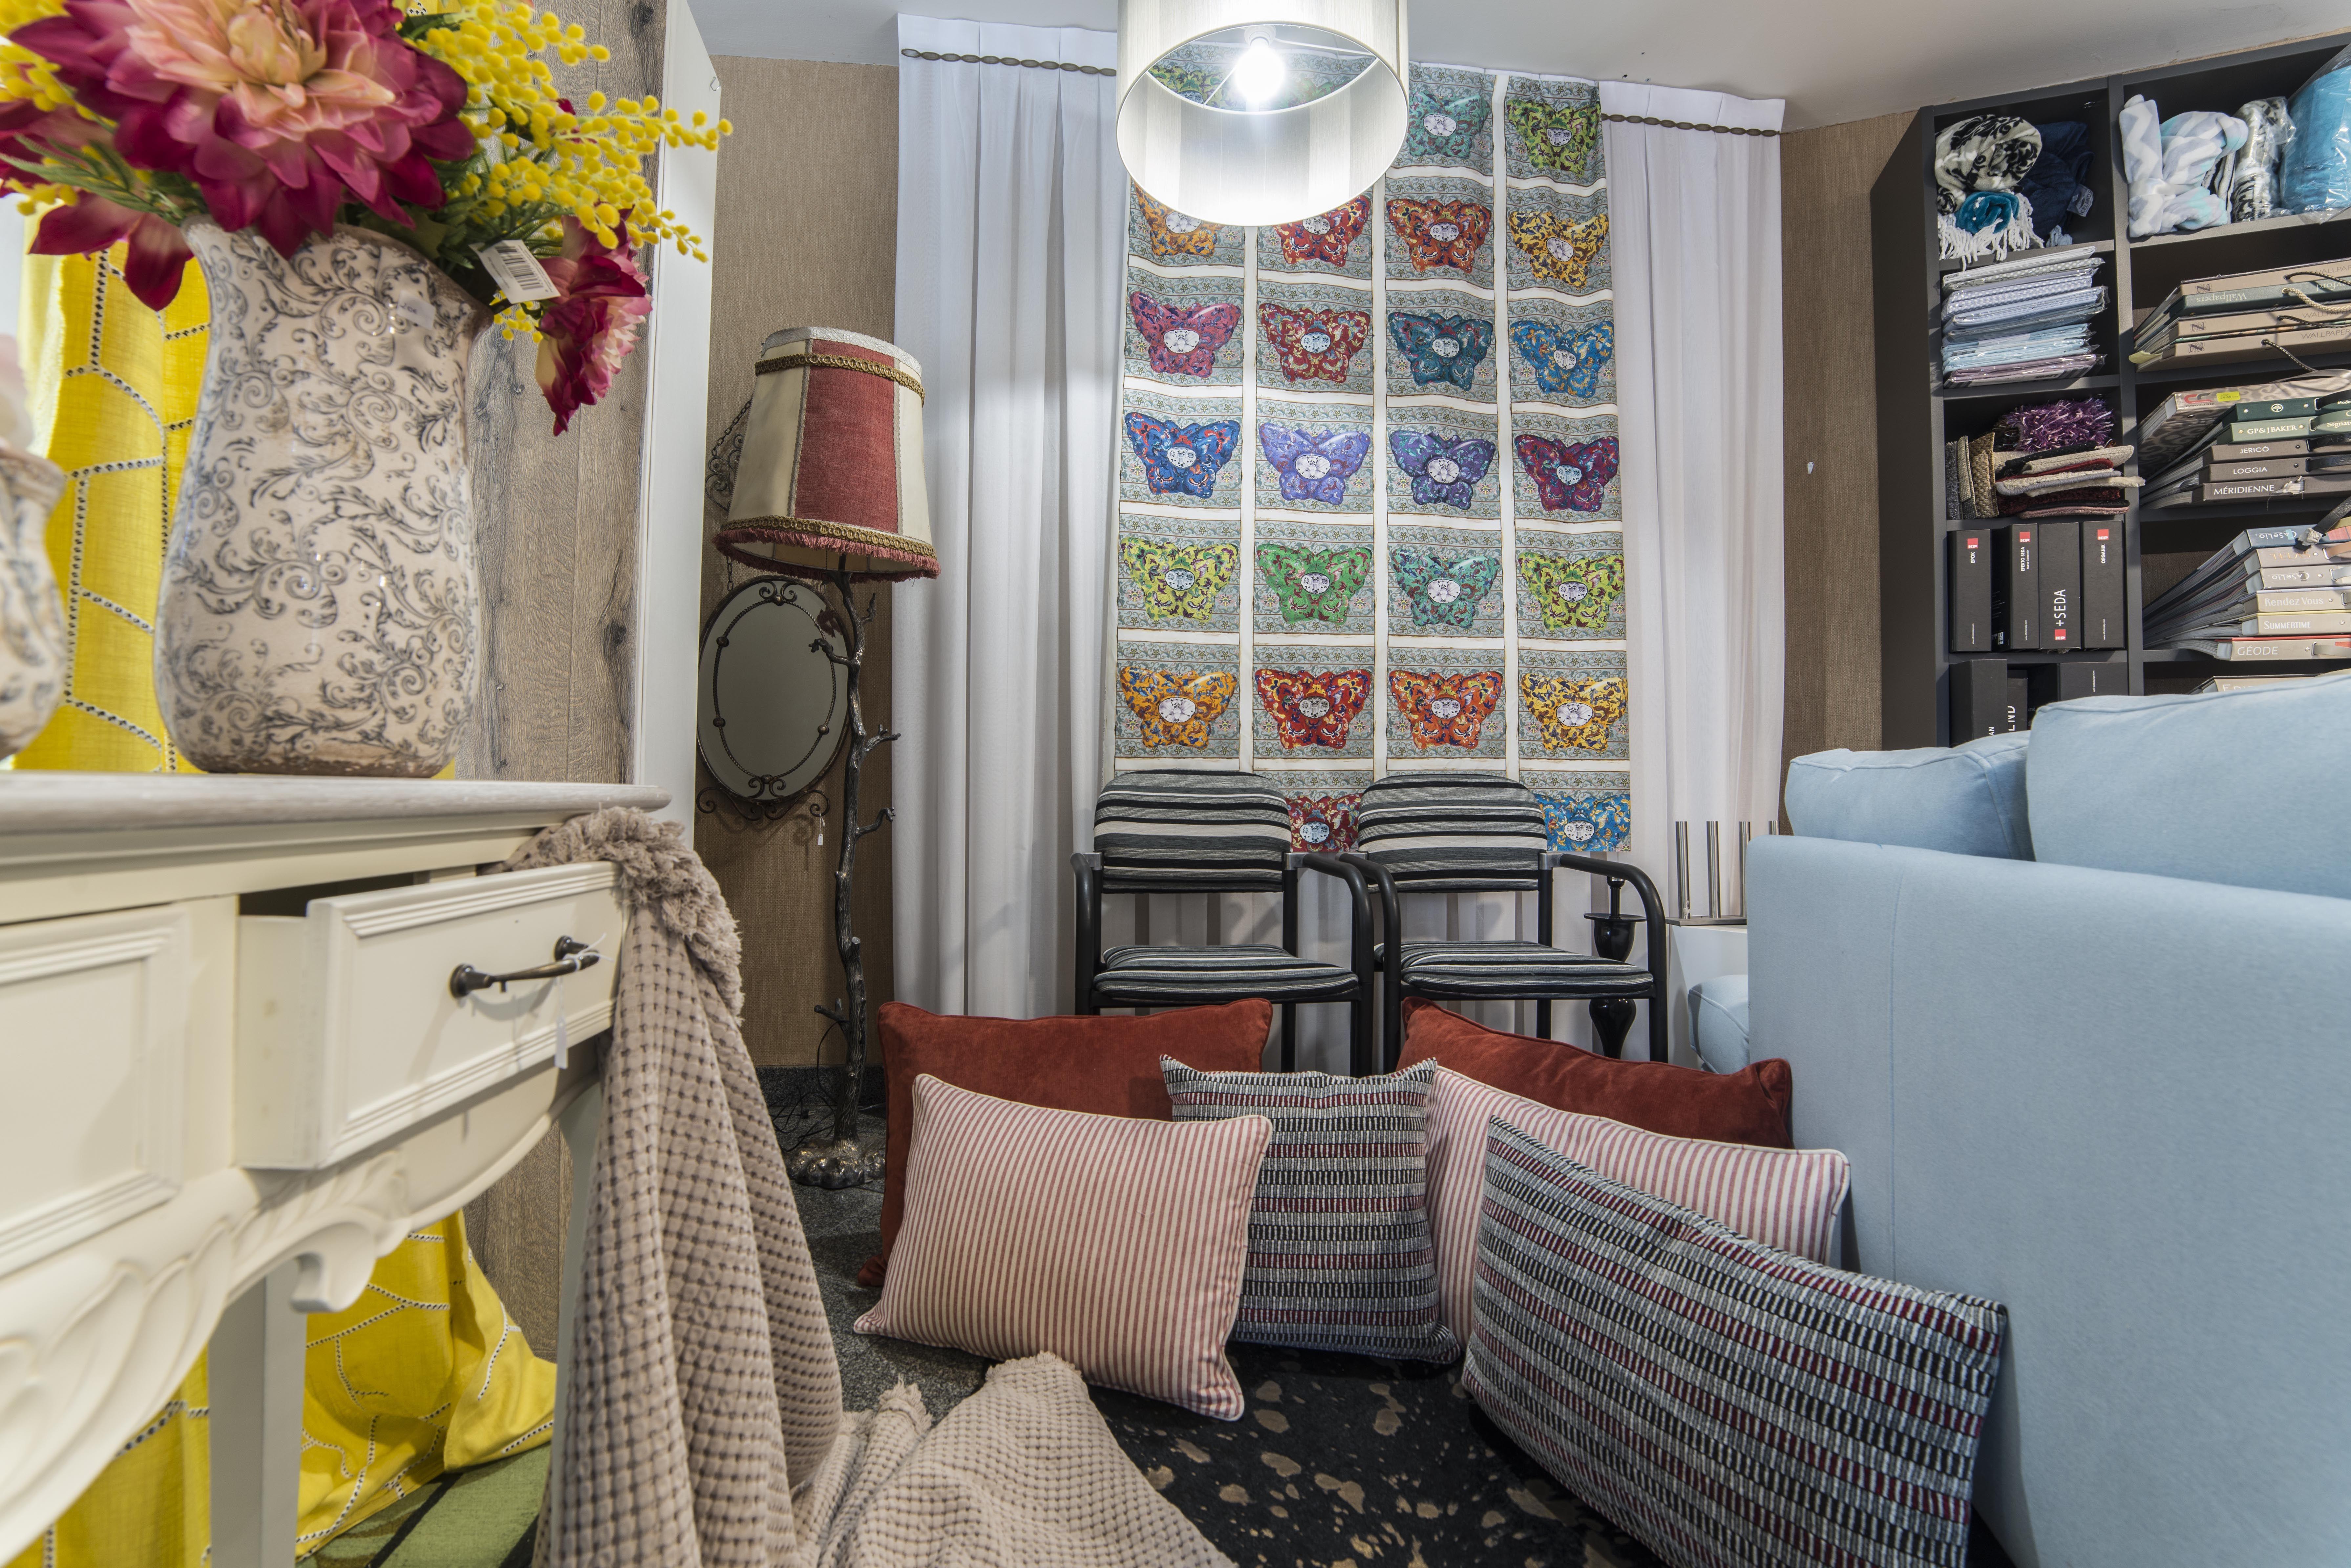 Cortinas a medida y decoración para el hogar en Tudela